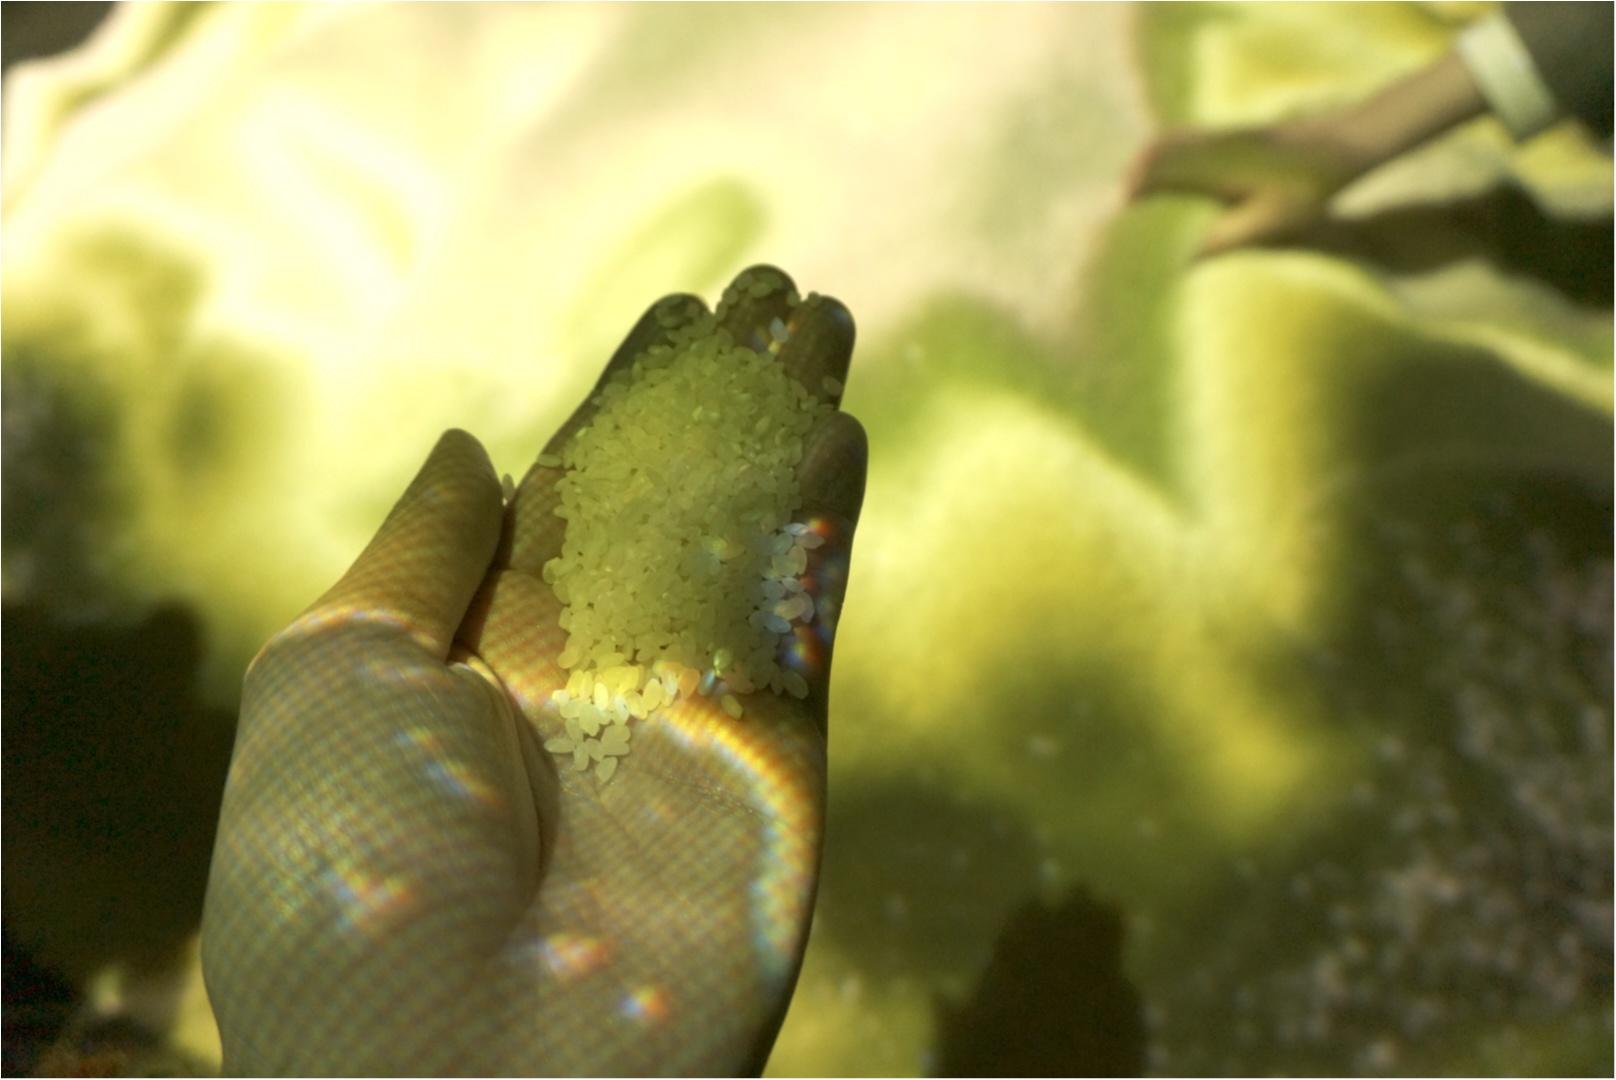 新感覚の見て食べる体験型デジタルアートのクオリティーがすごい( ´艸`)‼︎_11